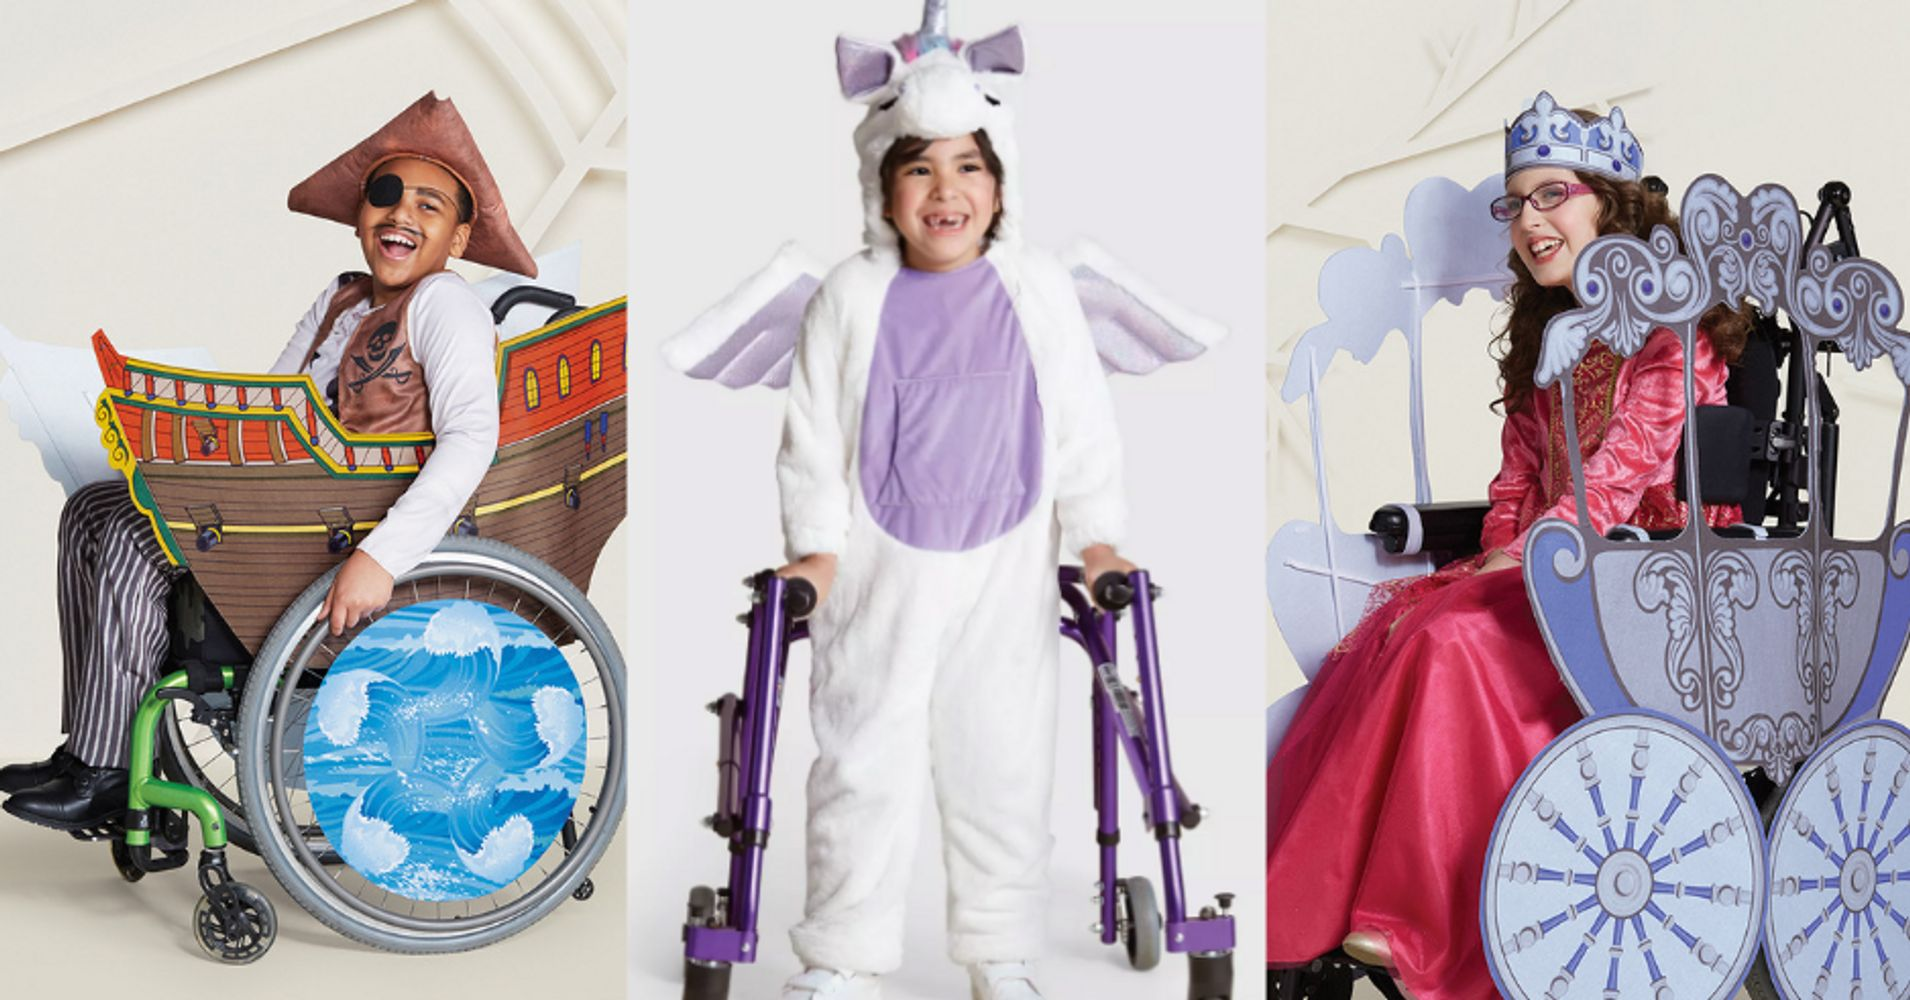 ילדה בכיסא גלגלים בתחפושת נסיכה, ילד עם הליכון לובש תחפושת חד-קרן  וילד בכיסא גלגלים מחופש לפיראט